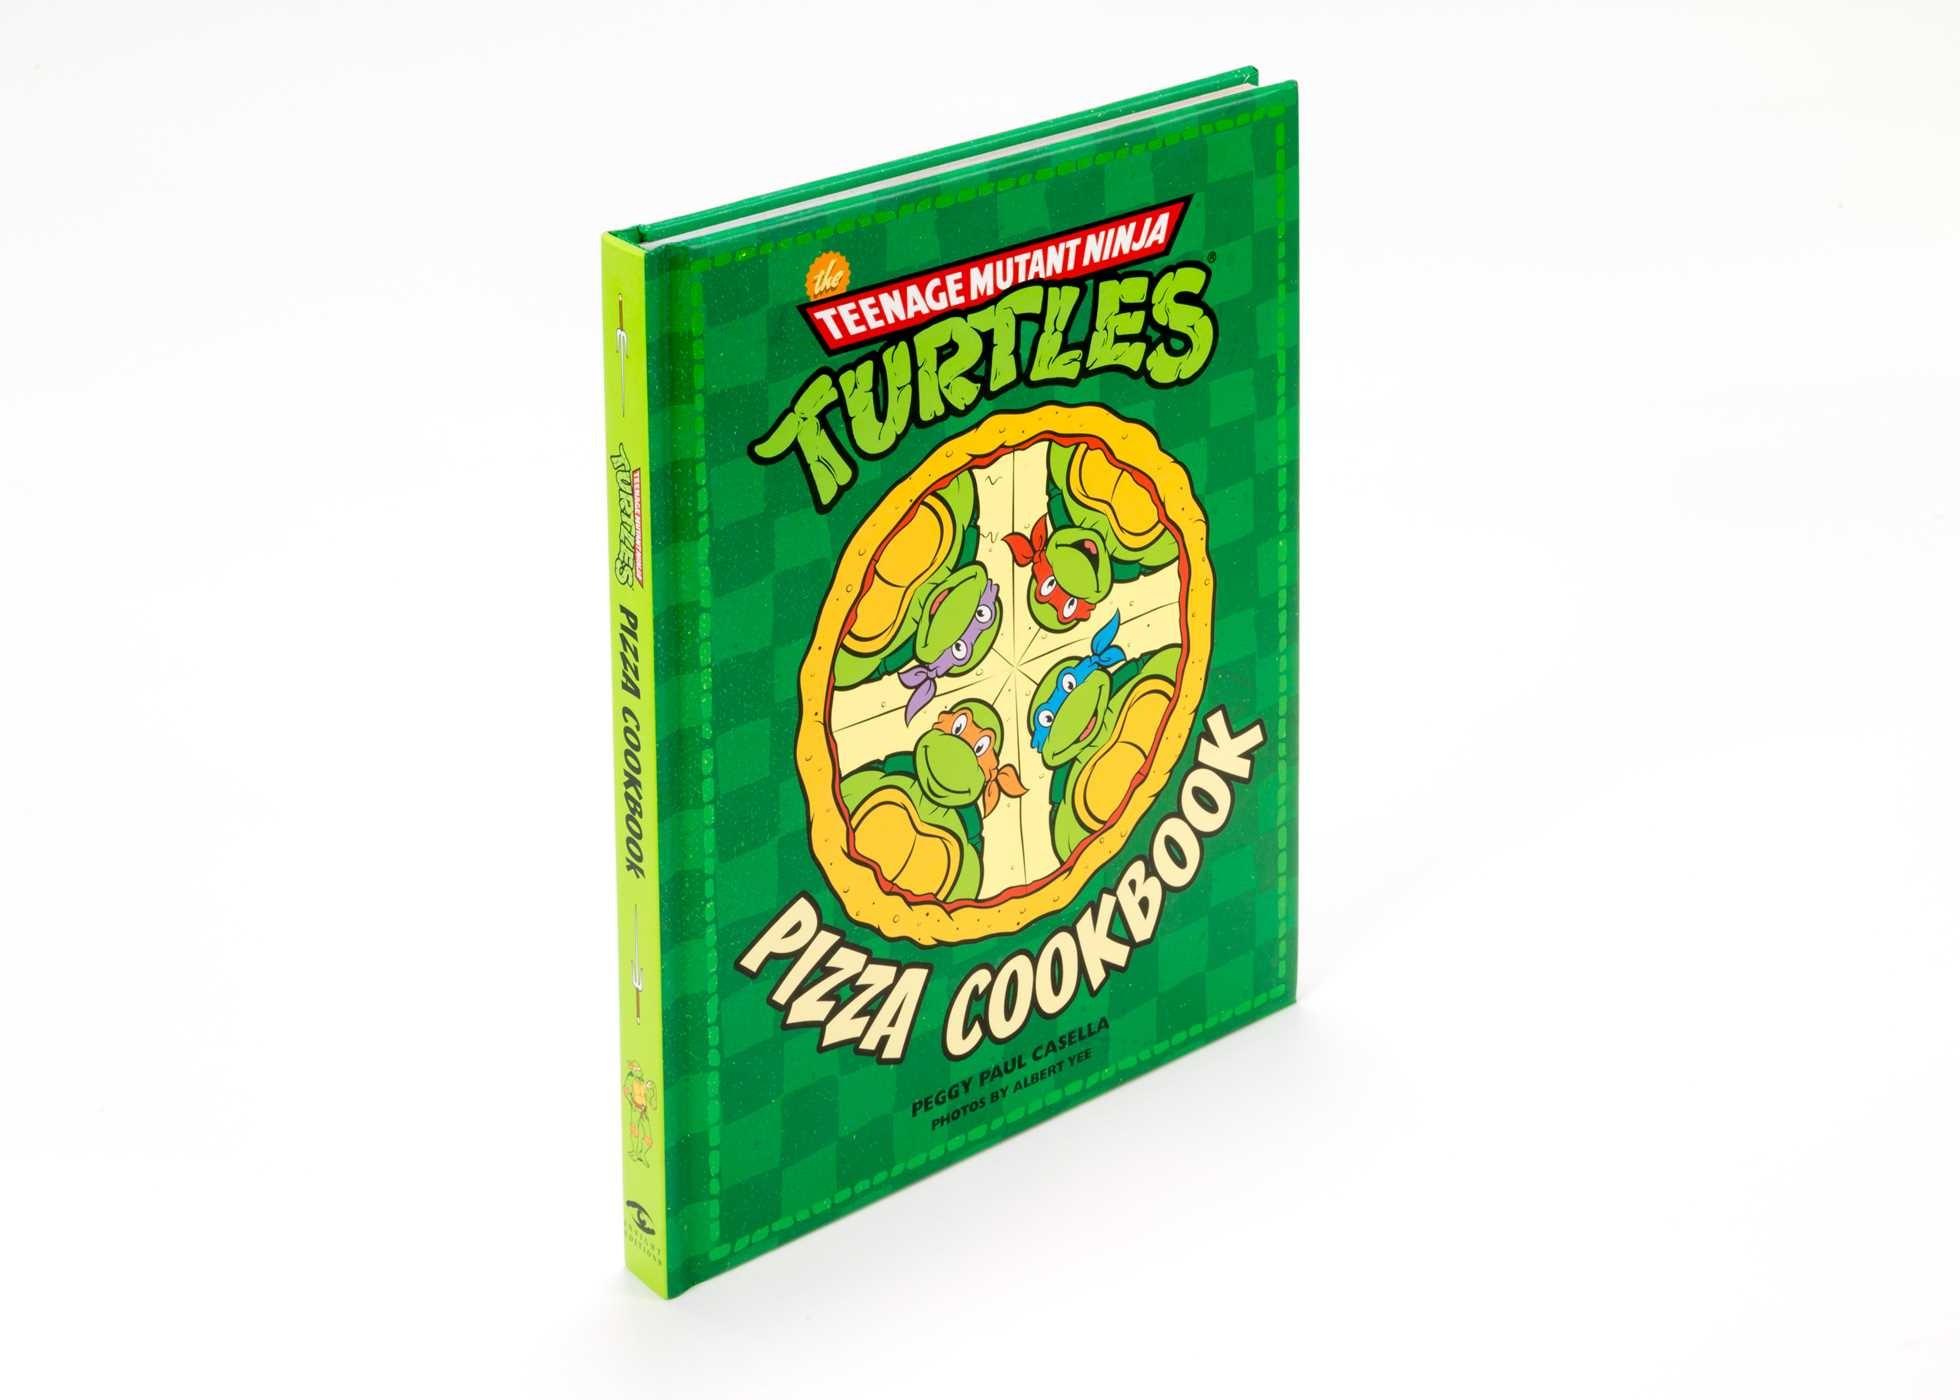 The teenage mutant ninja turtles pizza cookbook 9781608878314.in05